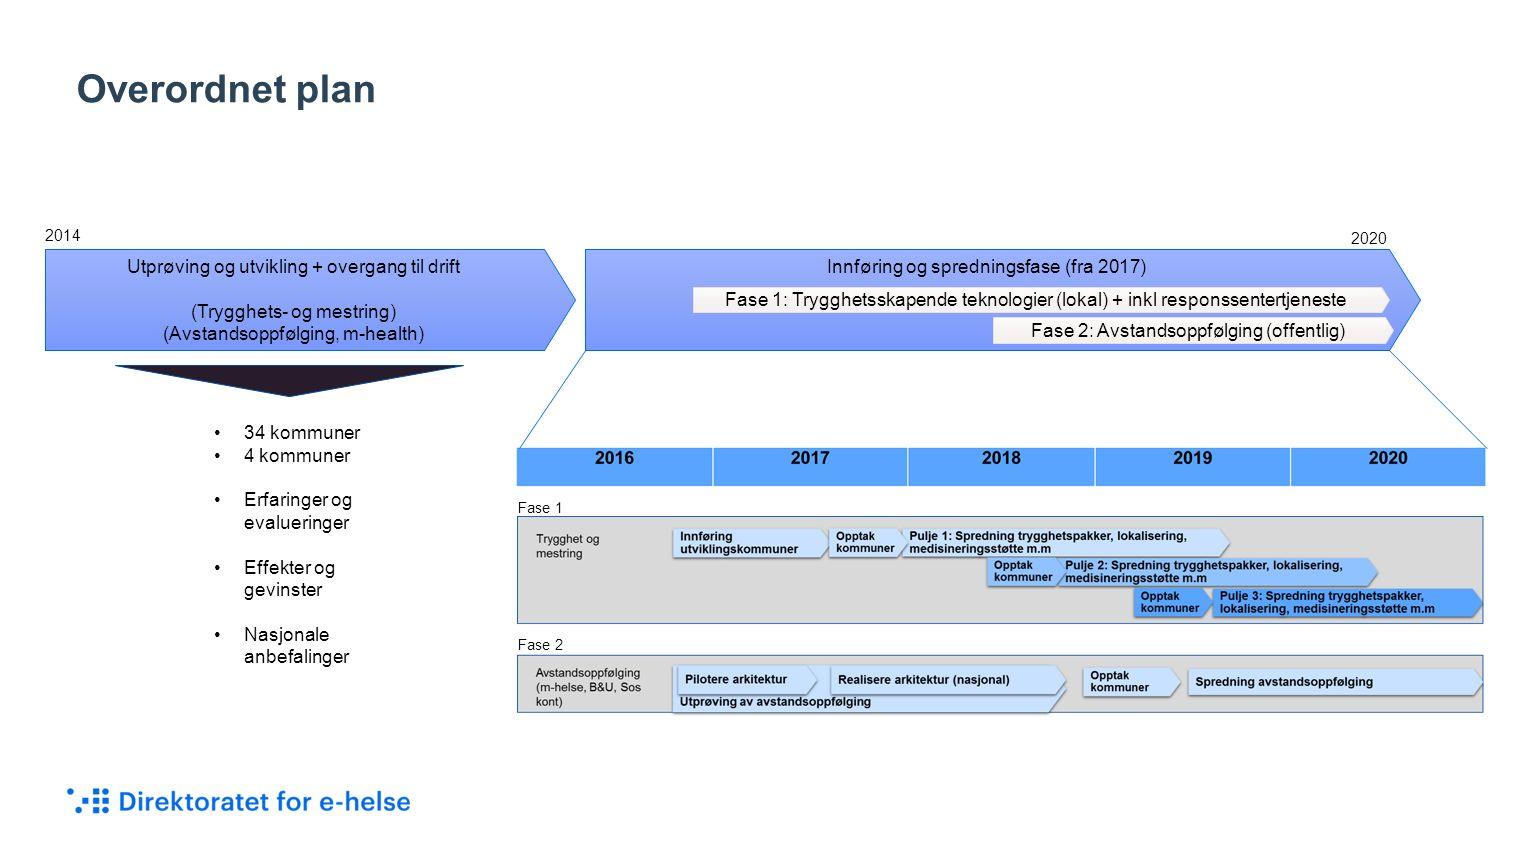 Overordnet plan Utprøving og utvikling + overgang til drift (Trygghets- og mestring) (Avstandsoppfølging, m-health) Innføring og spredningsfase (fra 2017) 2014 34 kommuner 4 kommuner Erfaringer og evalueringer Effekter og gevinster Nasjonale anbefalinger 2020 Fase 1: Trygghetsskapende teknologier (lokal) + inkl responssentertjeneste Fase 2: Avstandsoppfølging (offentlig) Fase 1 Fase 2